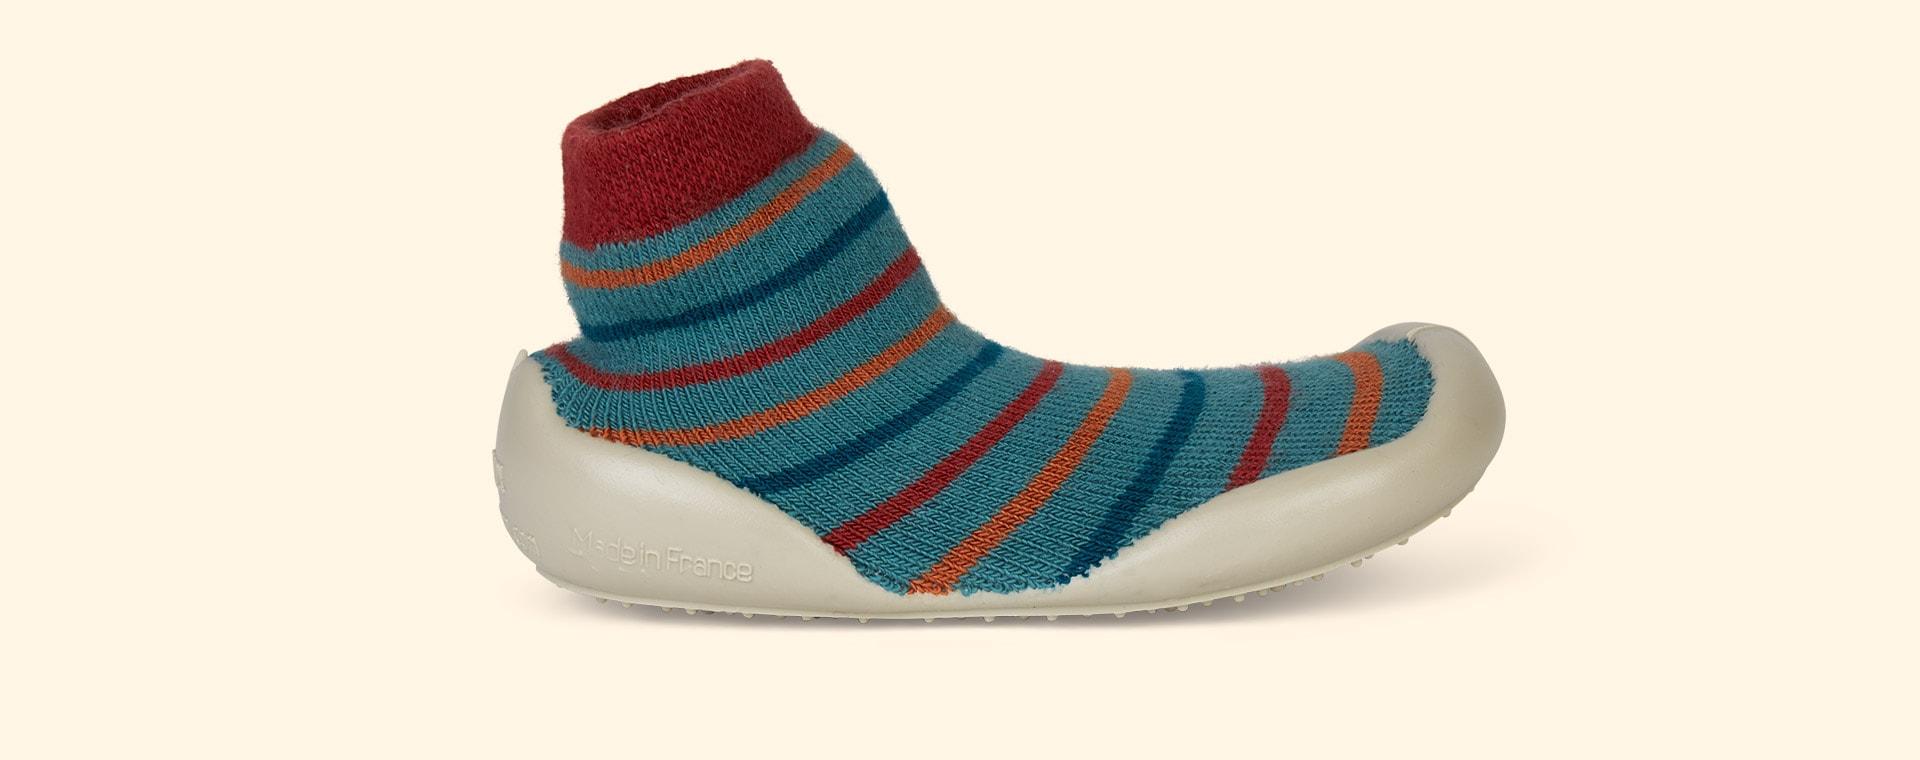 Green Collegien Charles Slipper Socks